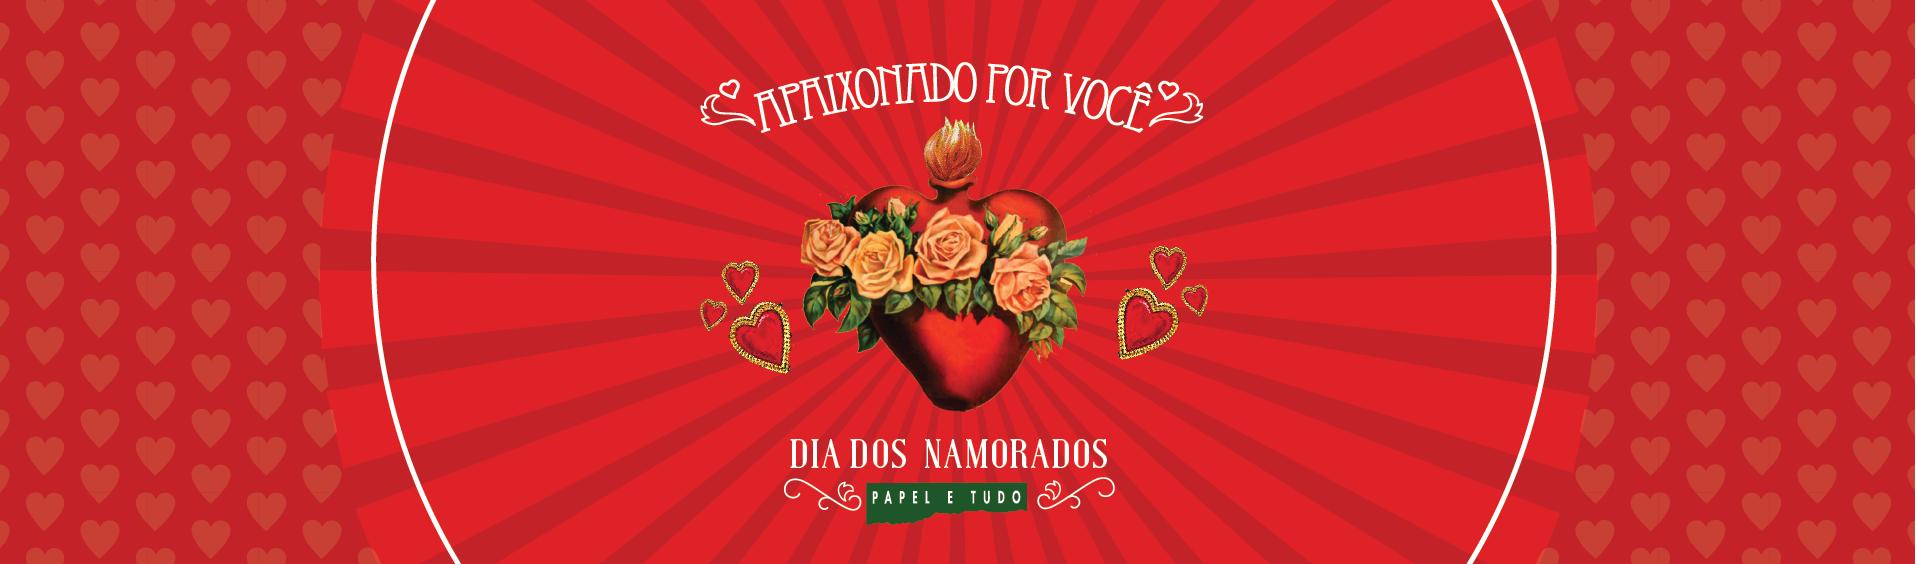 Banner_dia-dos_namorados-011